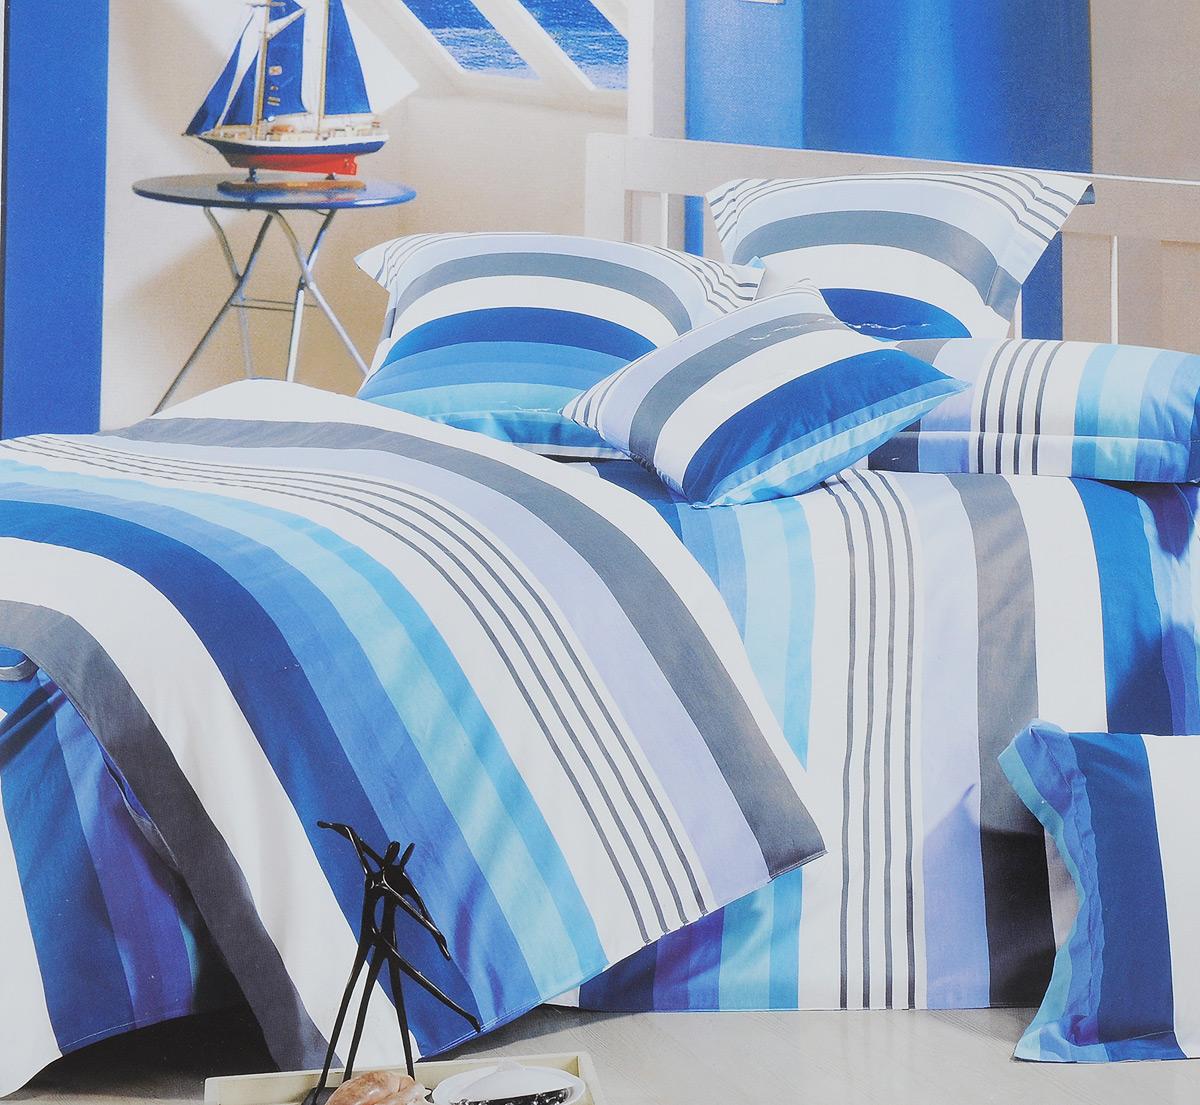 Комплект белья МарТекс Лагуна, семейный, наволочки 50х70, 70х70, цвет: белый, голубой, синийPANTERA SPX-2RSКомплект постельного белья МарТекс Лагуна состоит из двух пододеяльников на молнии, простыни и четырех наволочек. Постельное белье оформлено оригинальным ярким рисунком и имеет изысканный внешний вид. Сатин - производится из высших сортов хлопка, а своим блеском, легкостью и на ощупь напоминает шелк. Такая ткань рассчитана на 200 стирок и более. Постельное белье из сатина превращает жаркие летние ночи в прохладные и освежающие, а холодные зимние - в теплые и согревающие. Благодаря натуральному хлопку, комплект постельного белья из сатина приобретает способность пропускать воздух, давая возможность телу дышать. Одно из преимуществ материала в том, что он практически не мнется и ваша спальня всегда будет аккуратной и нарядной. Приобретая комплект постельного белья МарТекс Лагуна, вы можете быть уверенны в том, что покупка доставит вам и вашим близким удовольствие и подарит максимальный комфорт.